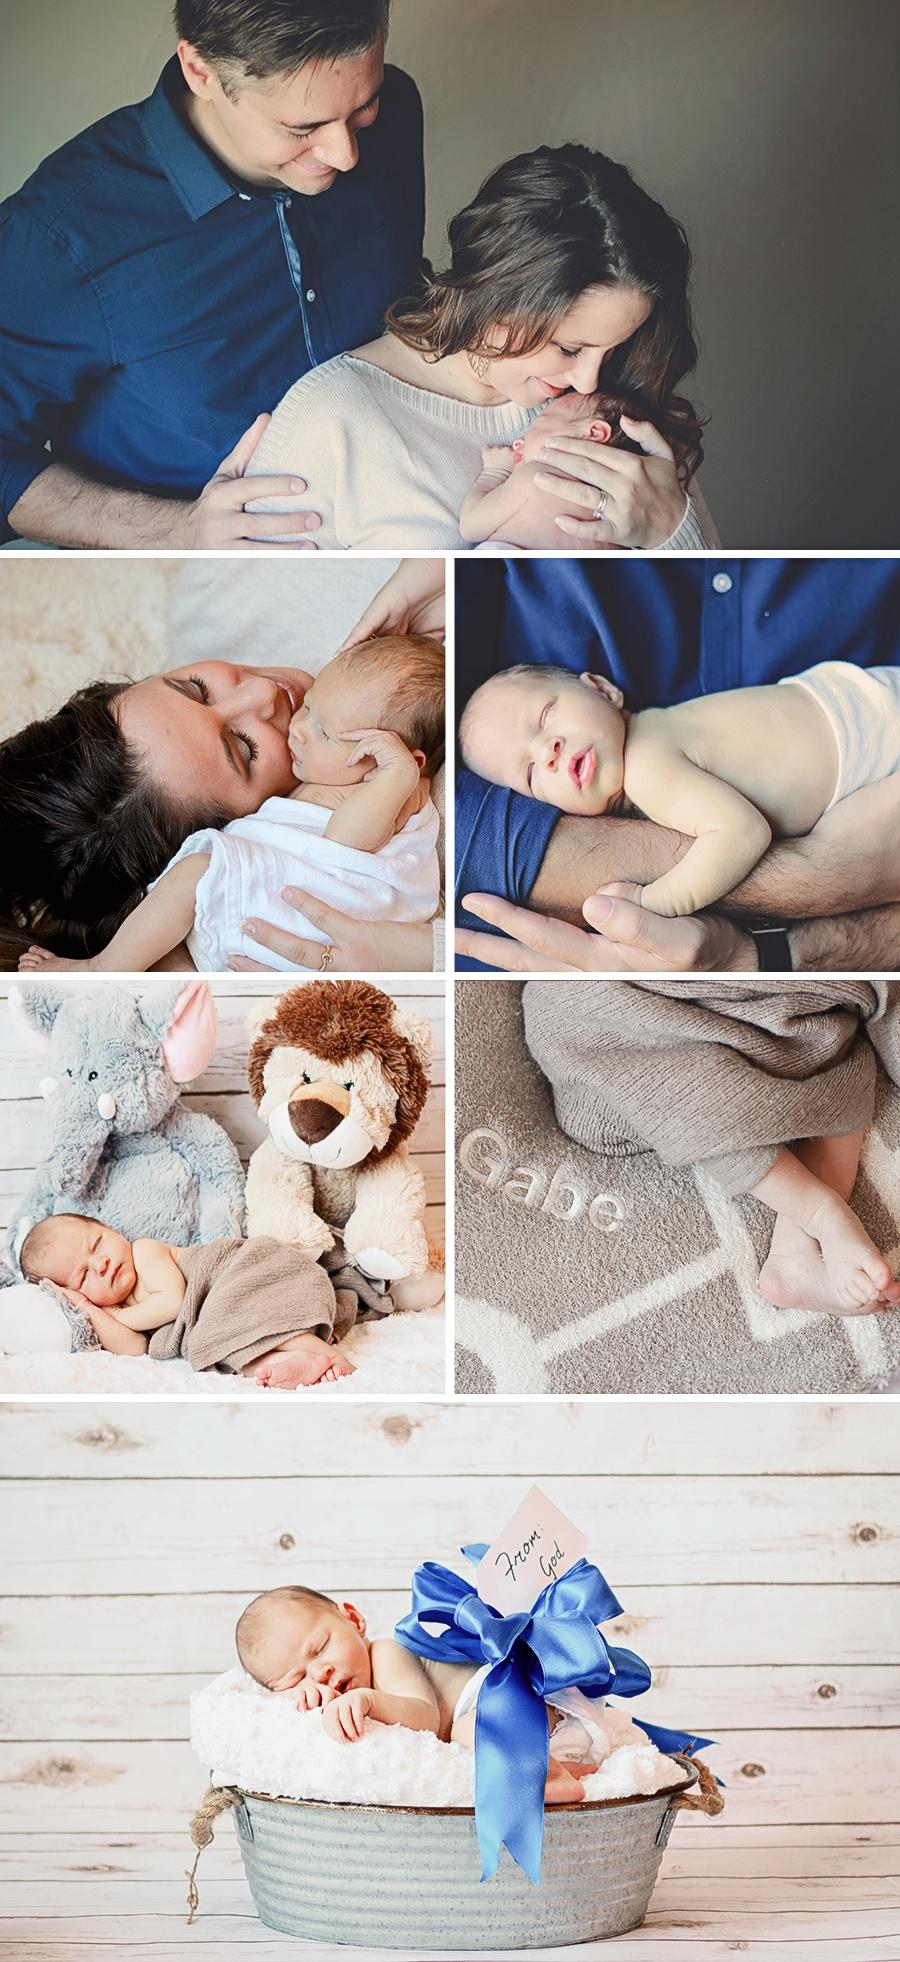 DFW Newborn Photographer Sarah Ware Photography